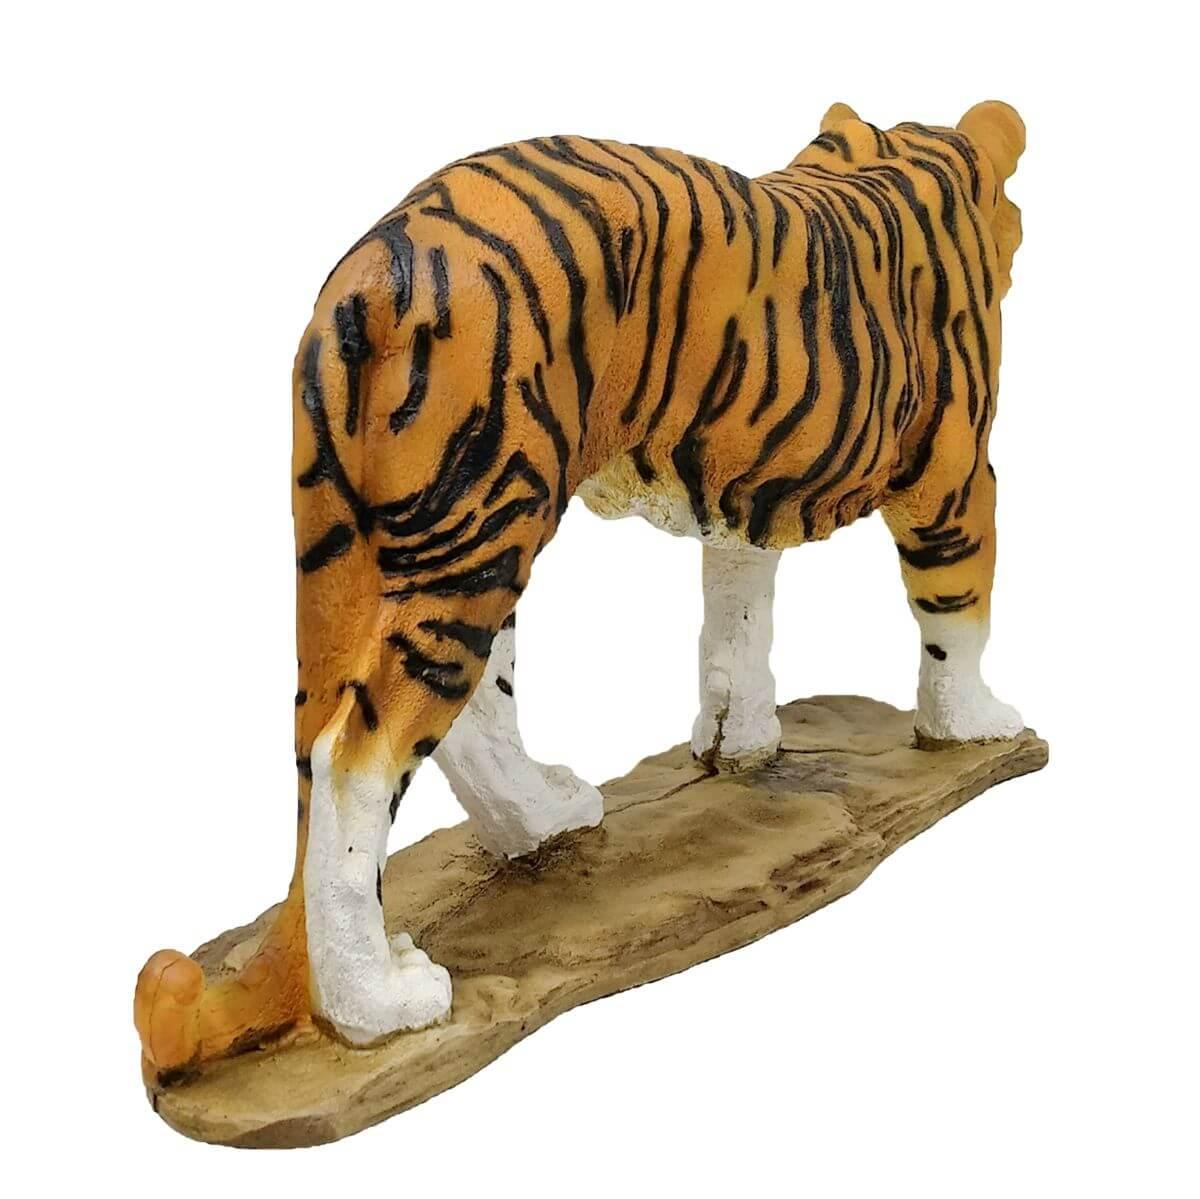 Estatua Tigre Siberiano Felino Tigre de Amur Prime Decorativo